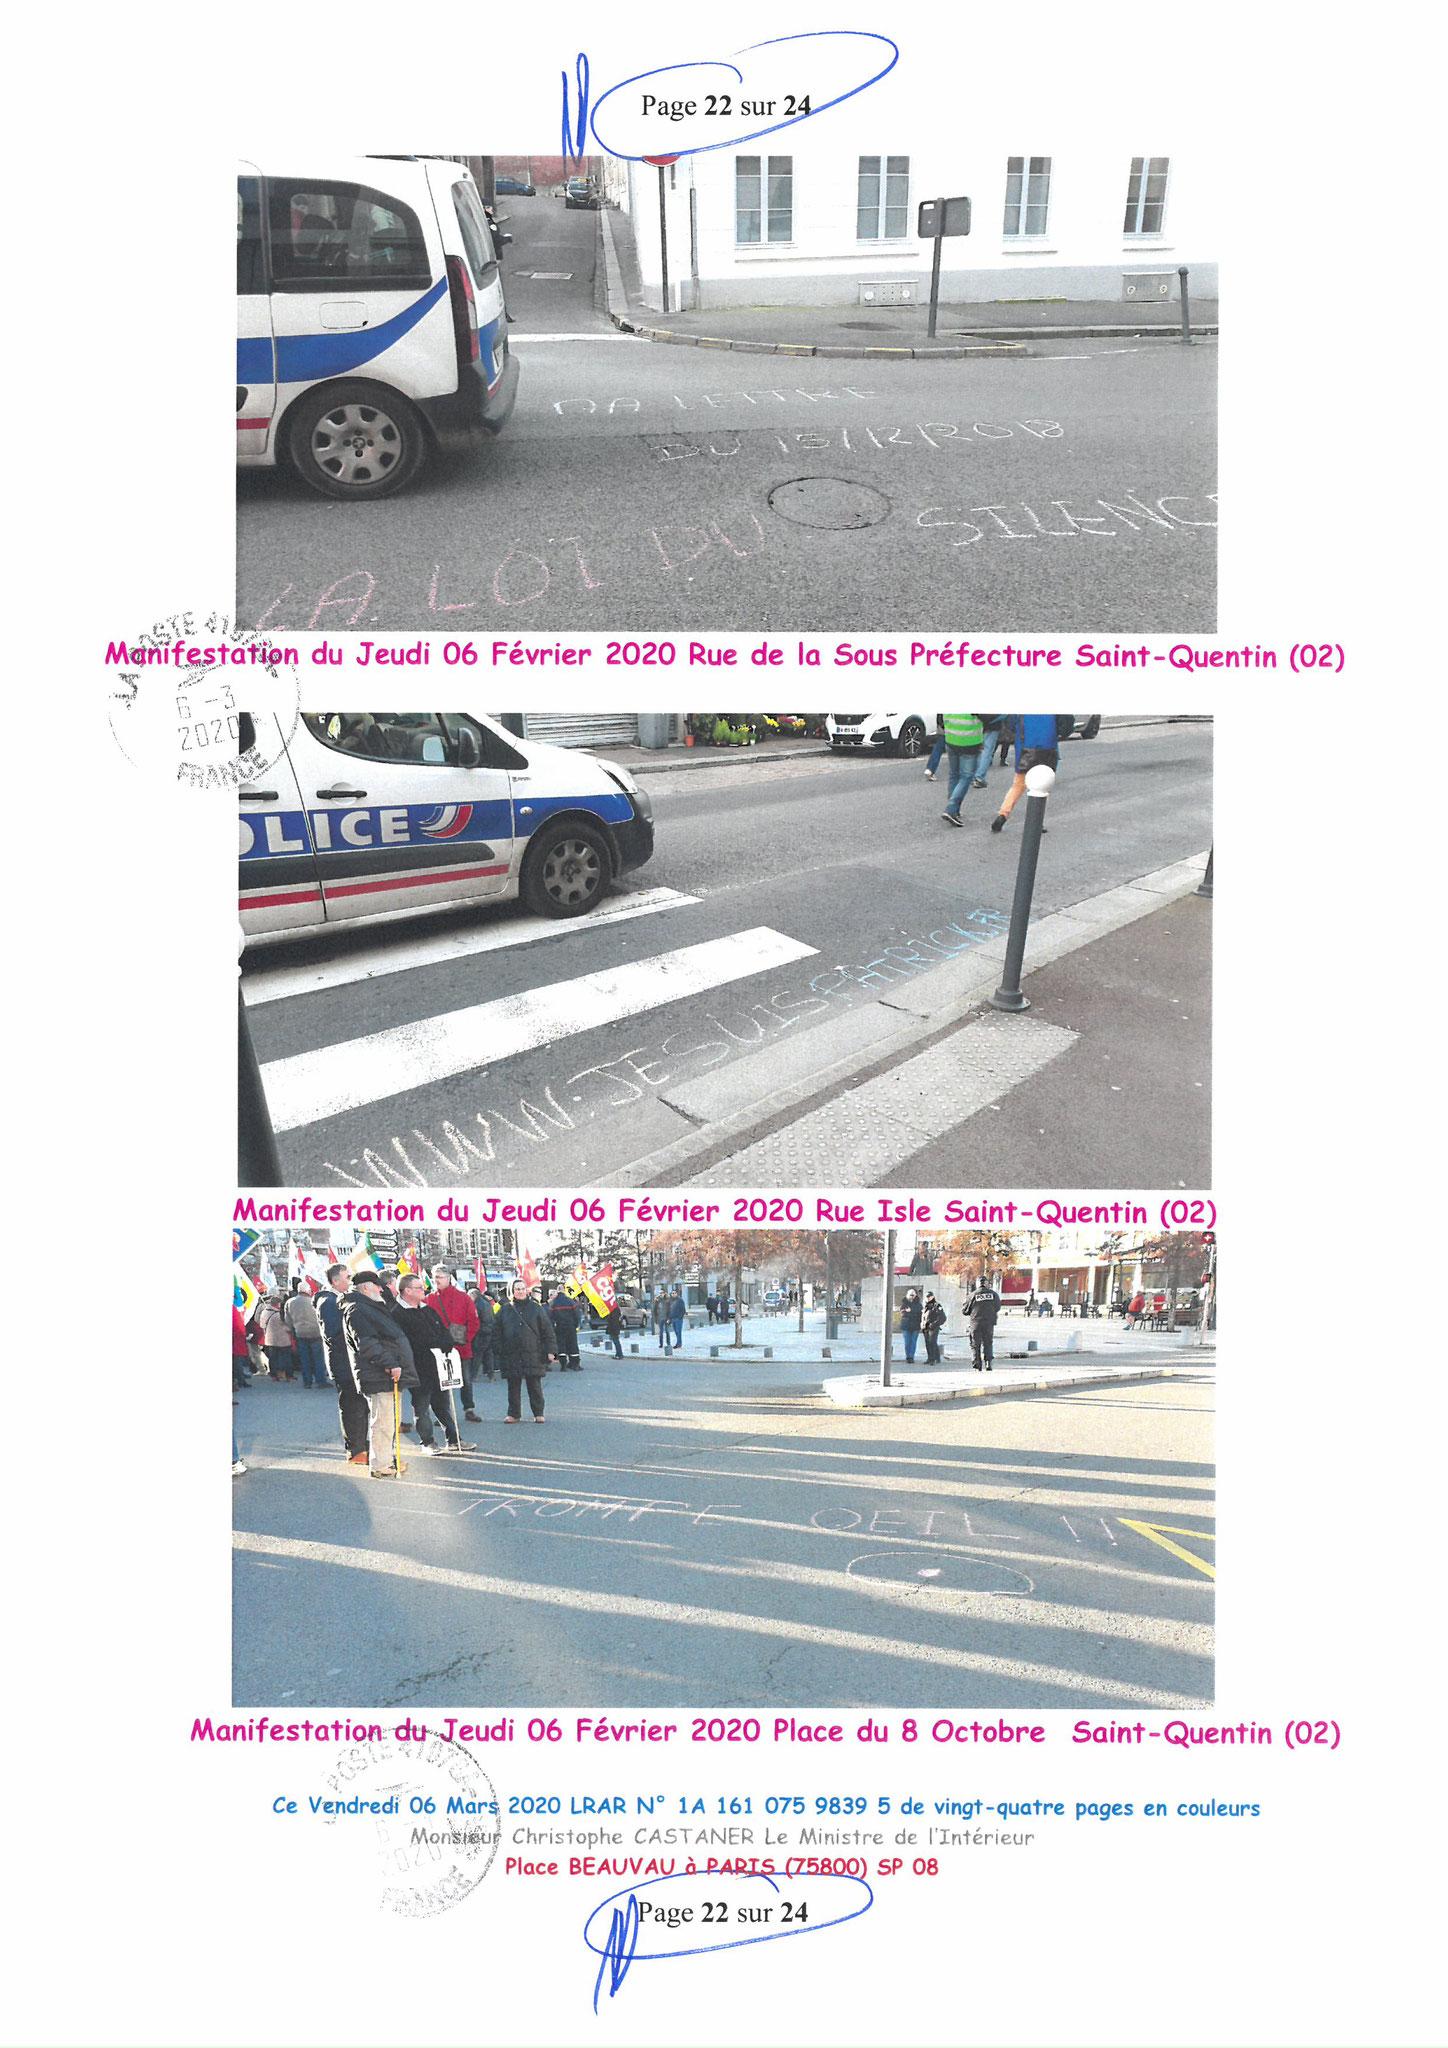 Ma LRAR à Monsieur le Ministre de l'Intérieur Christophe CASTANER N°1A 161 075 9839 5  Page 22 sur 24 en couleur du 06 Mars 2020  www.jesuispatrick.fr www.jesuisvictime.fr www.alerte-rouge-france.fr